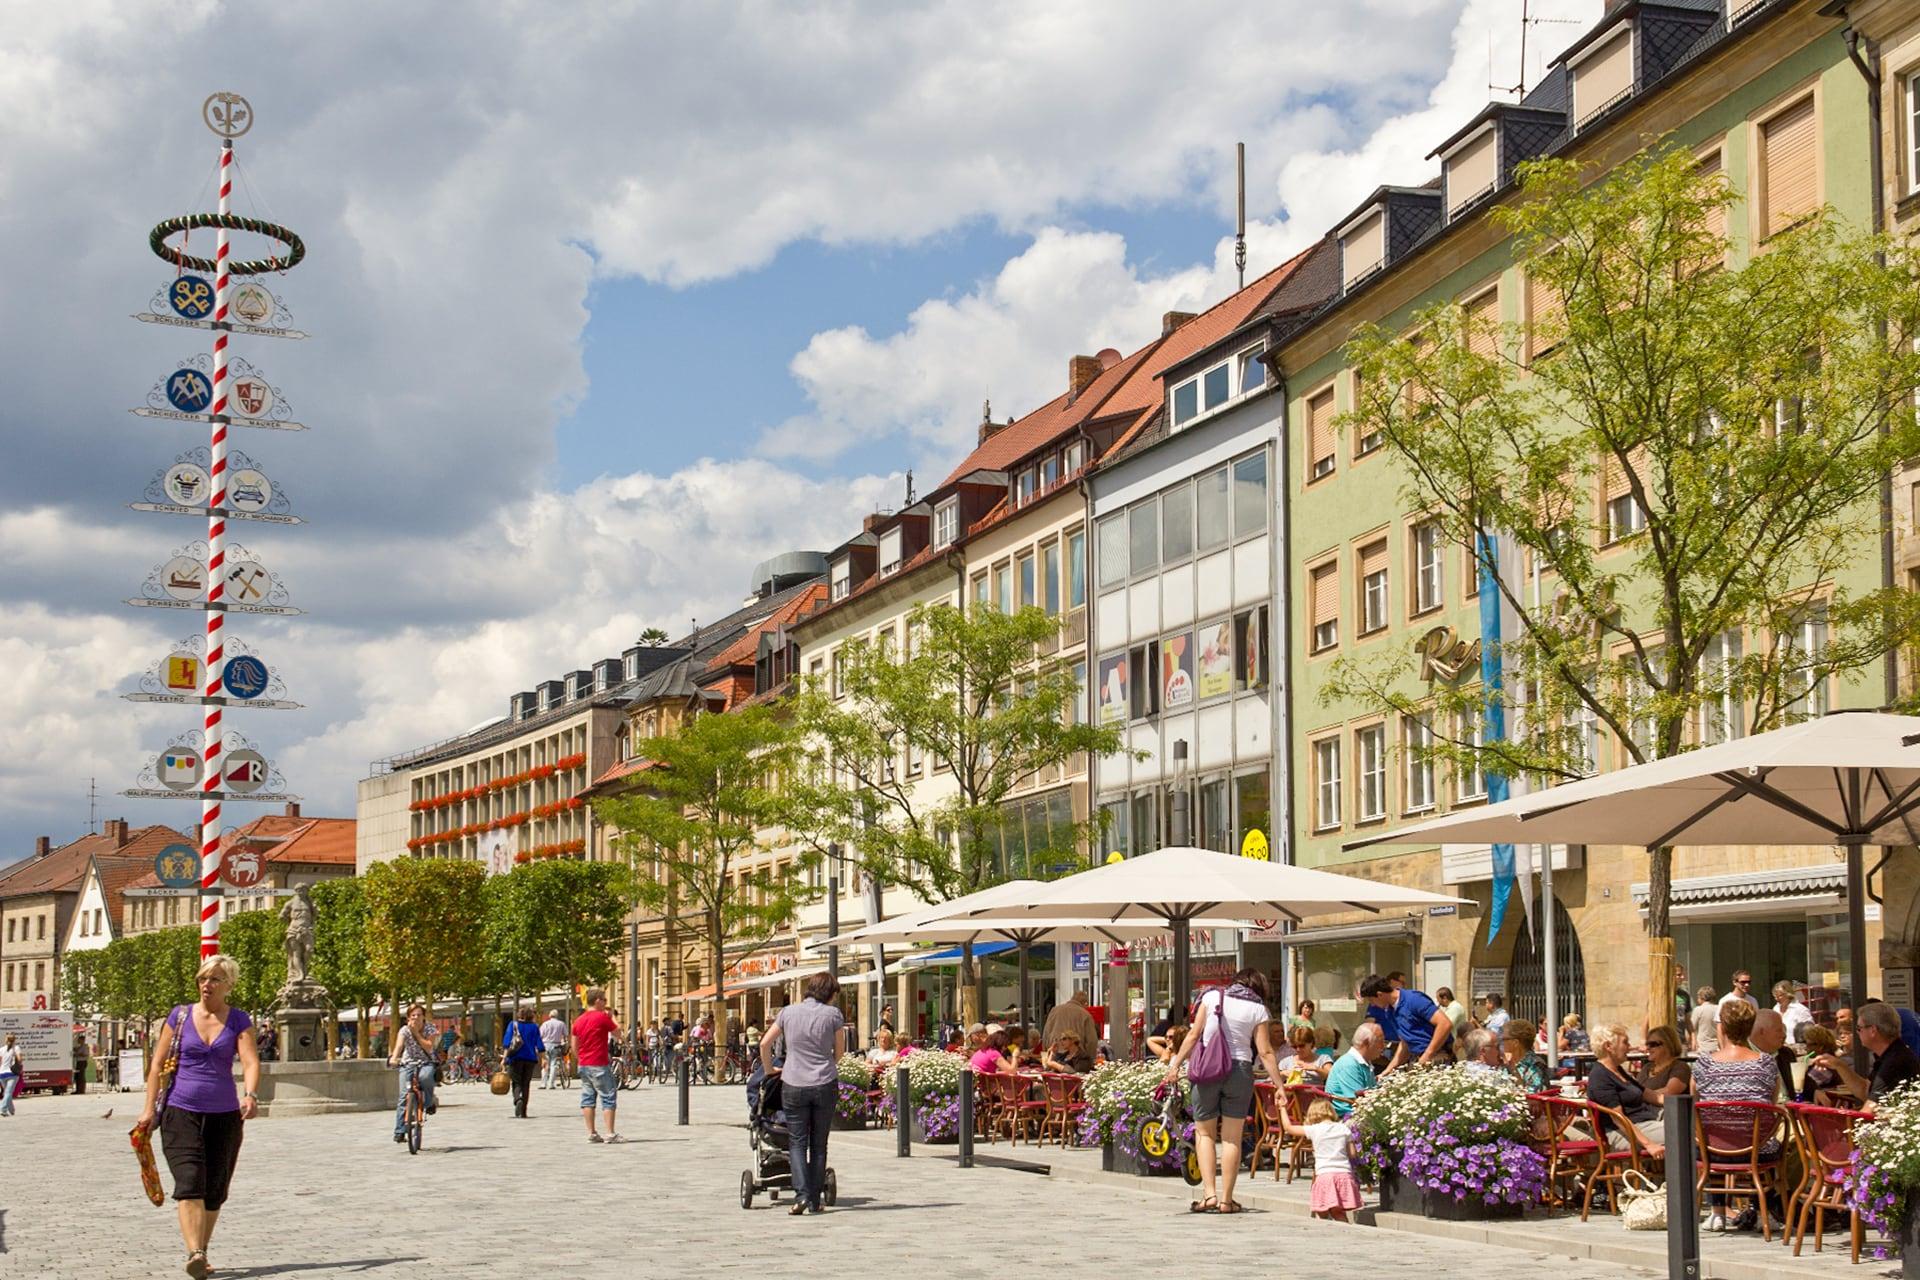 innenstadt-bayreuth-marketing-tourismus-gmbh